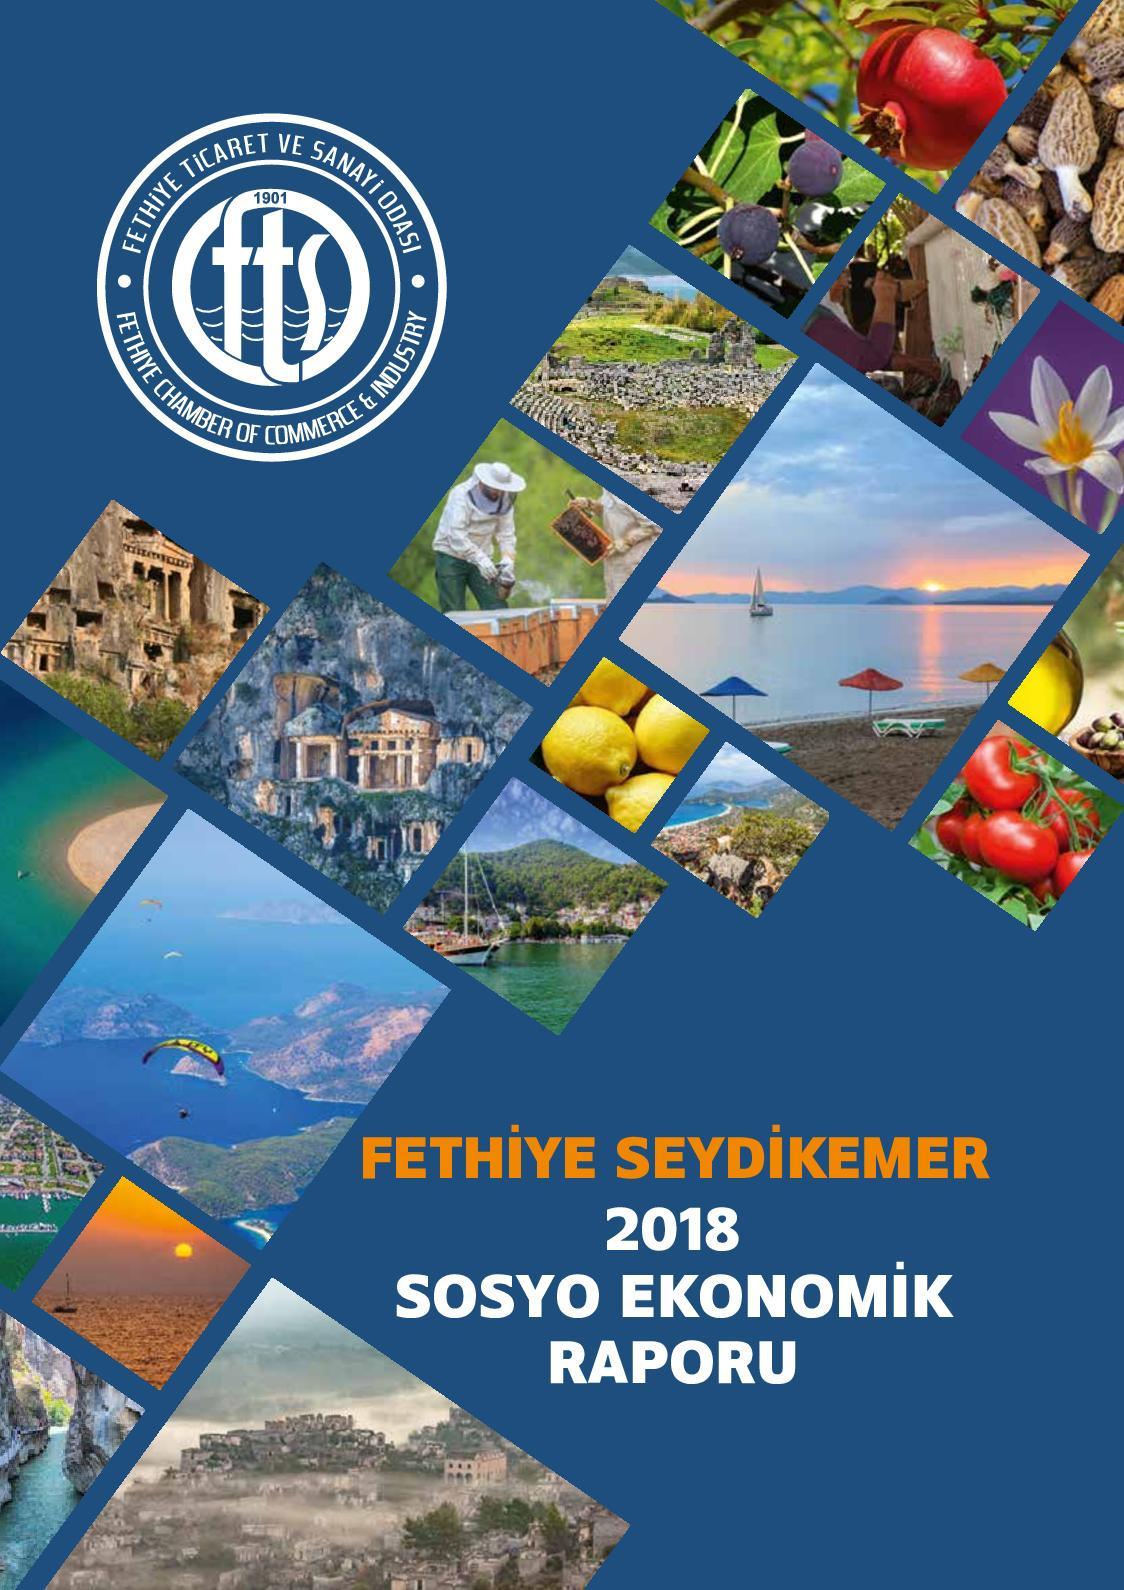 Calameo Fethiye Ticaret Ve Sanayi Odasi Sosyo Ekonomik Rapor 2018